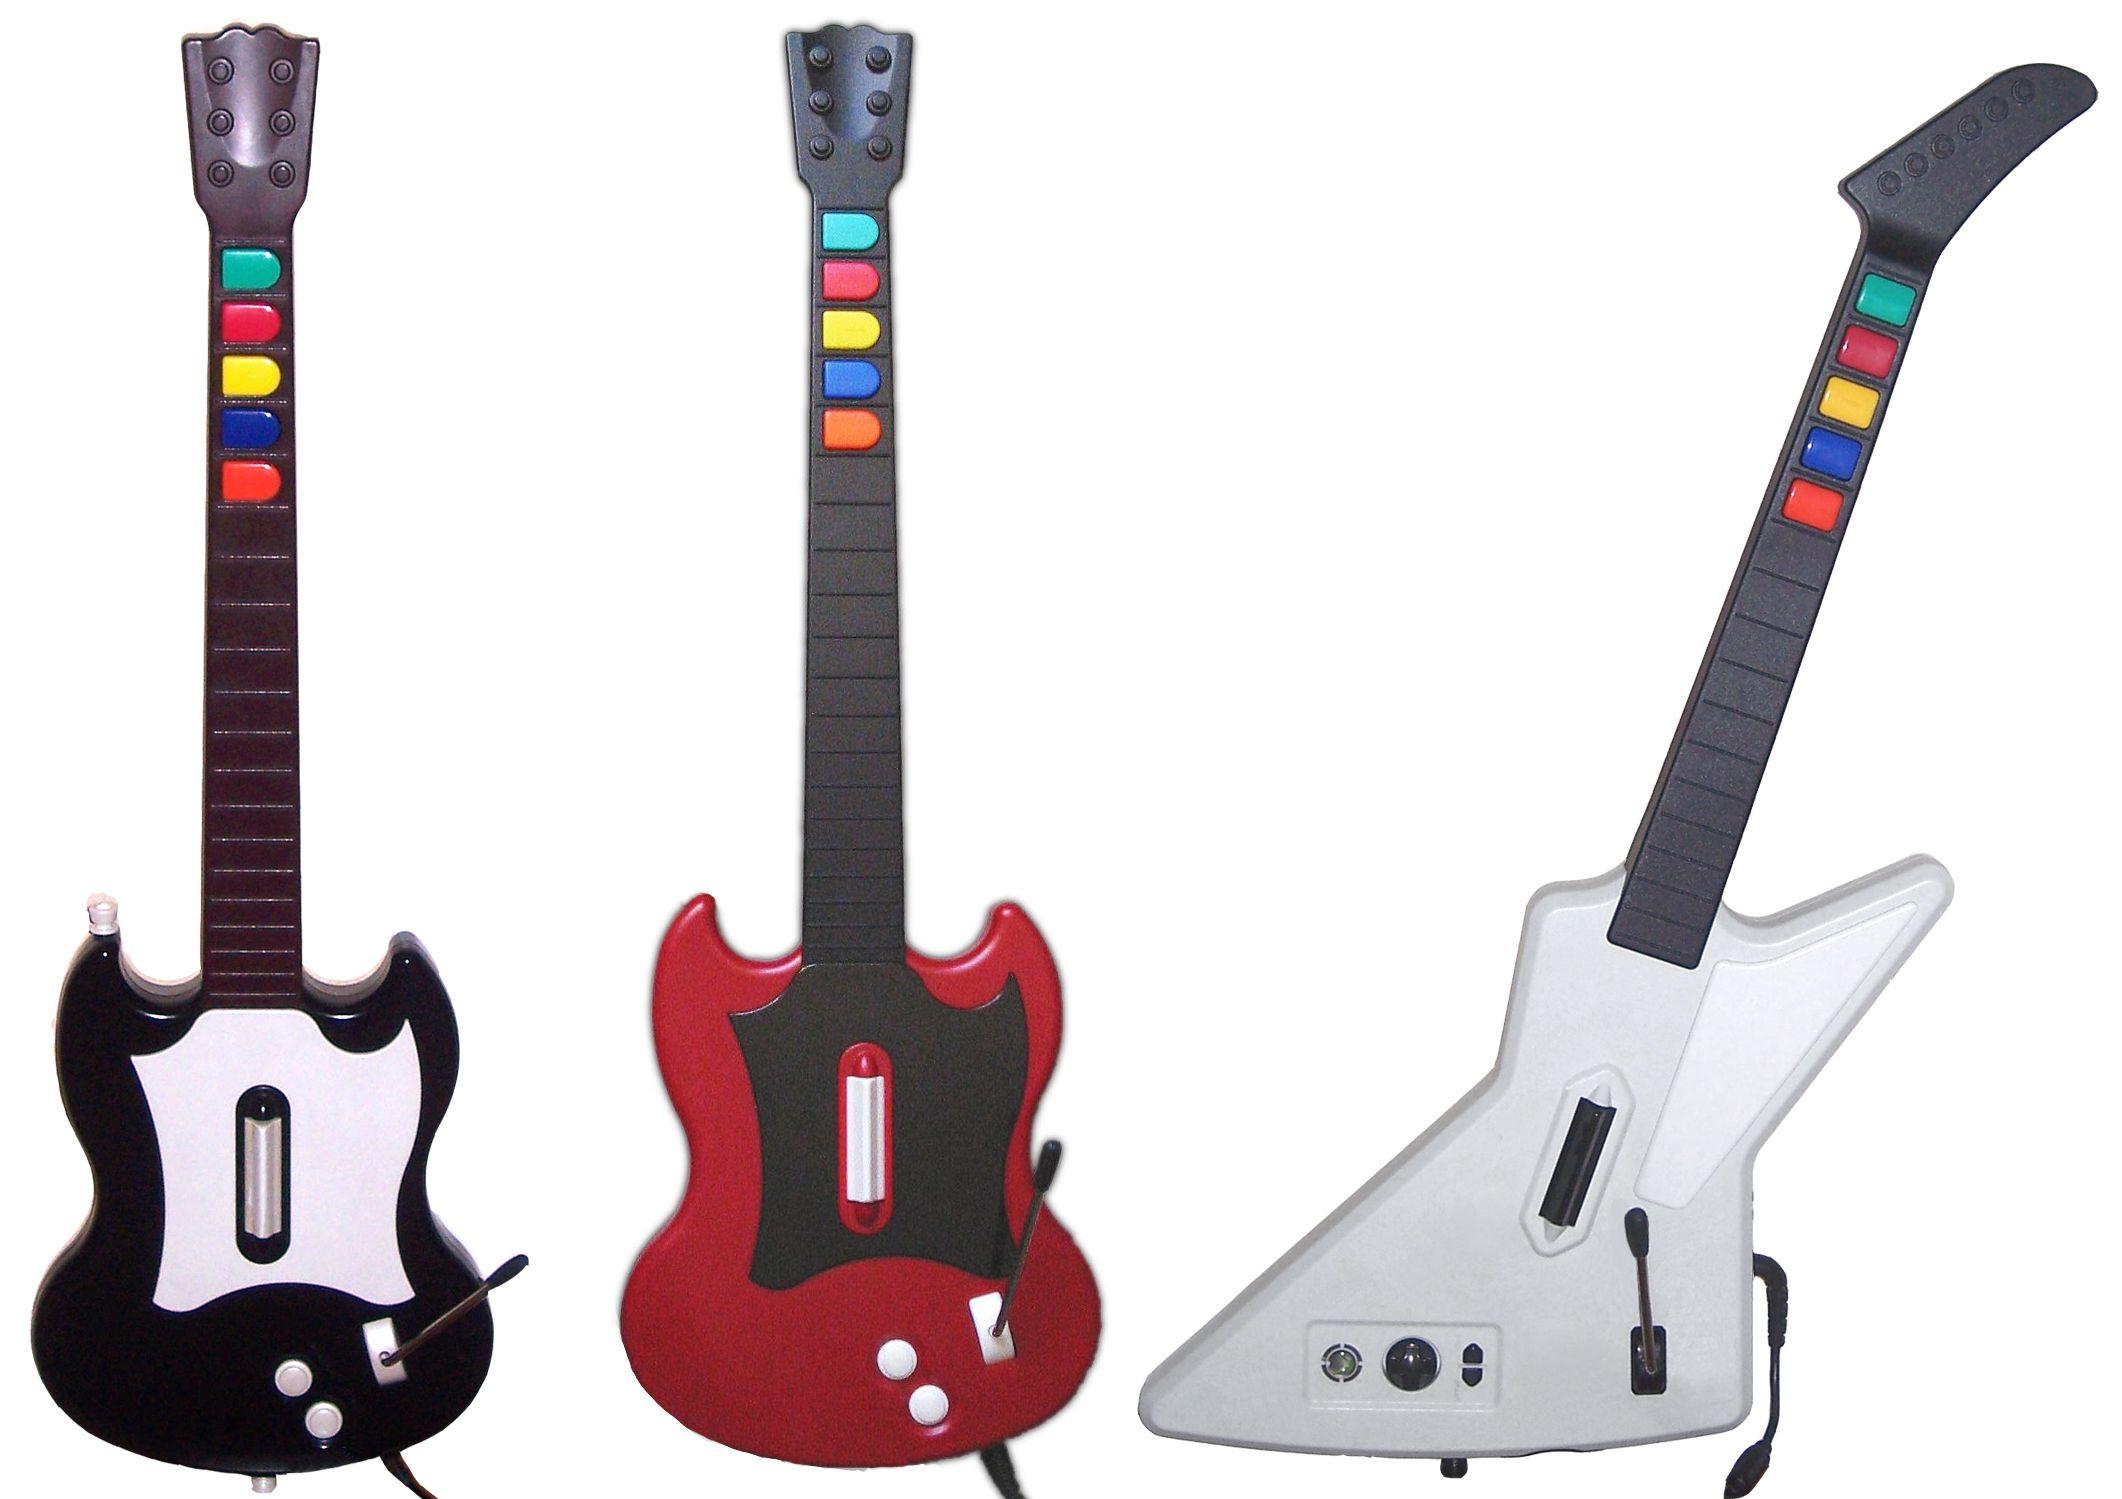 guitarras estilo gibson sg negra gibson sg roja â y jackson